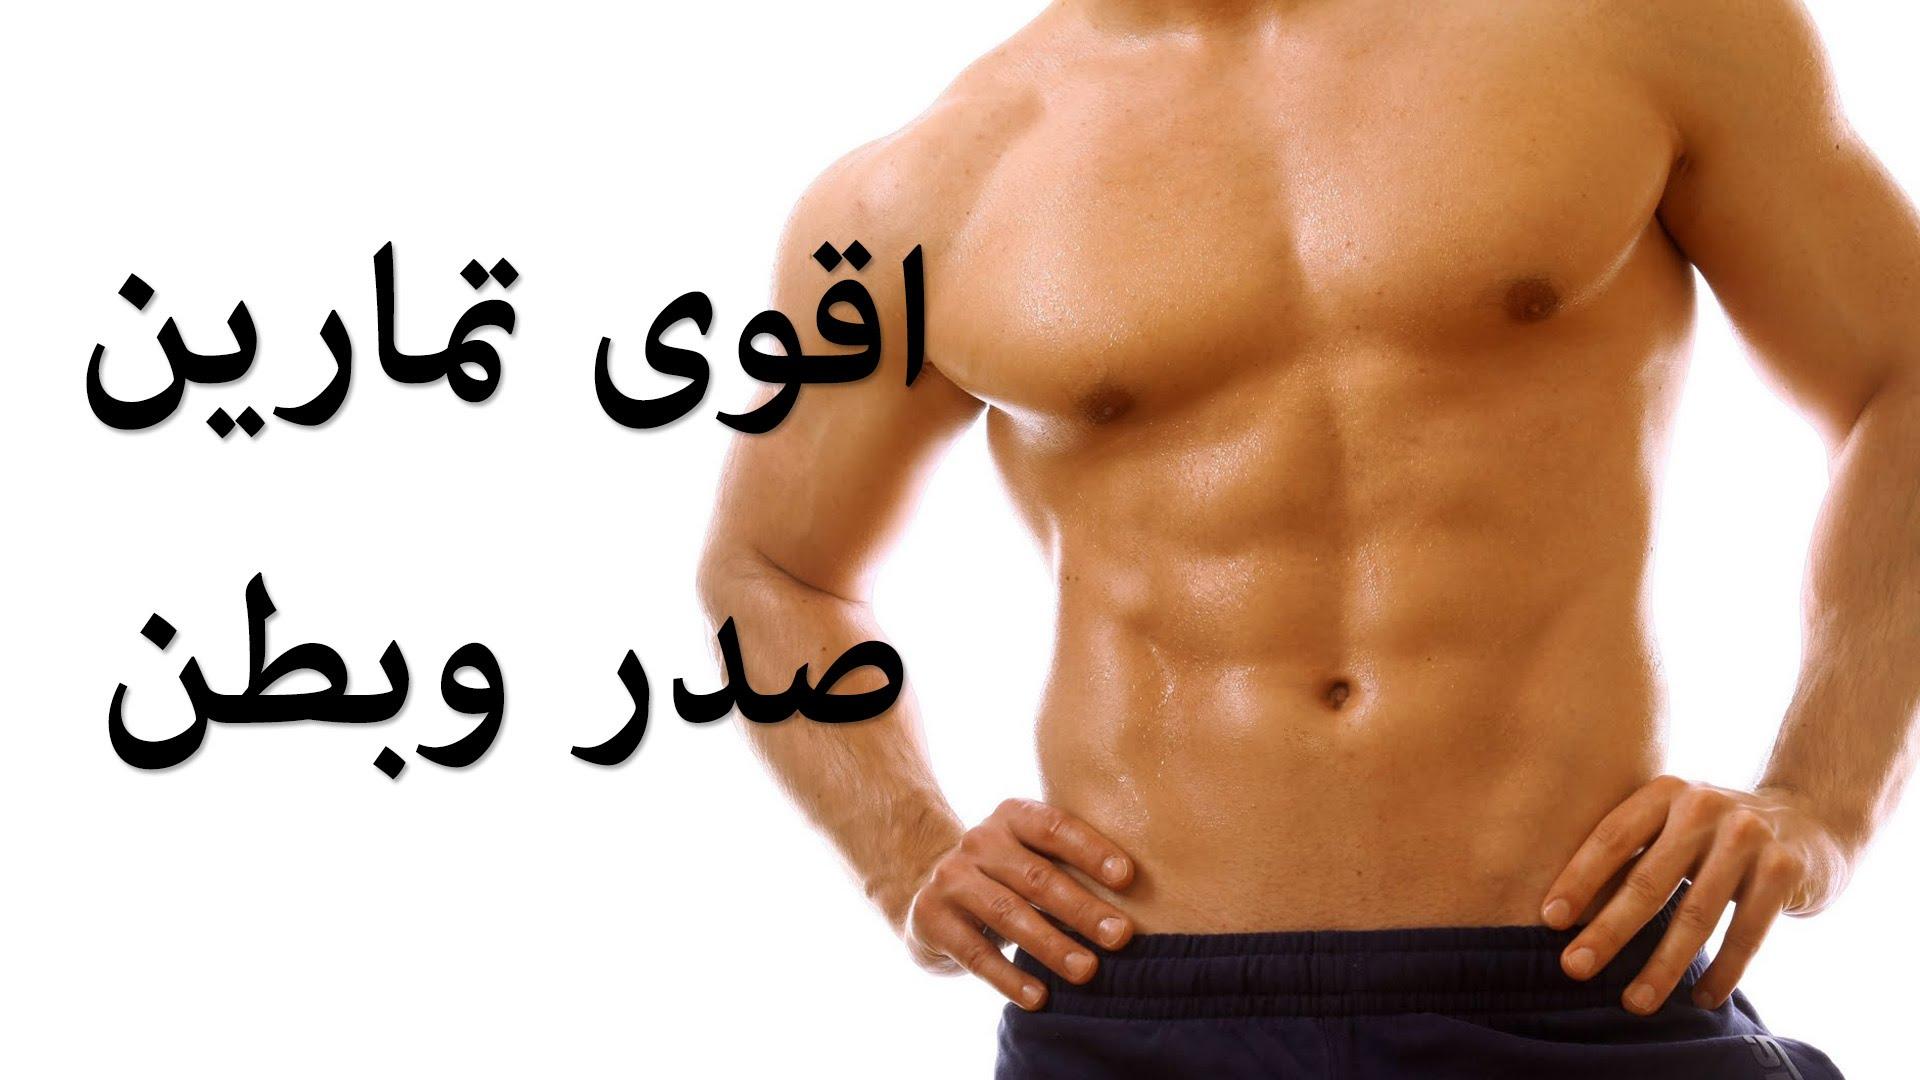 صور تمارين العضلات , تمرين لعضلات بطنك